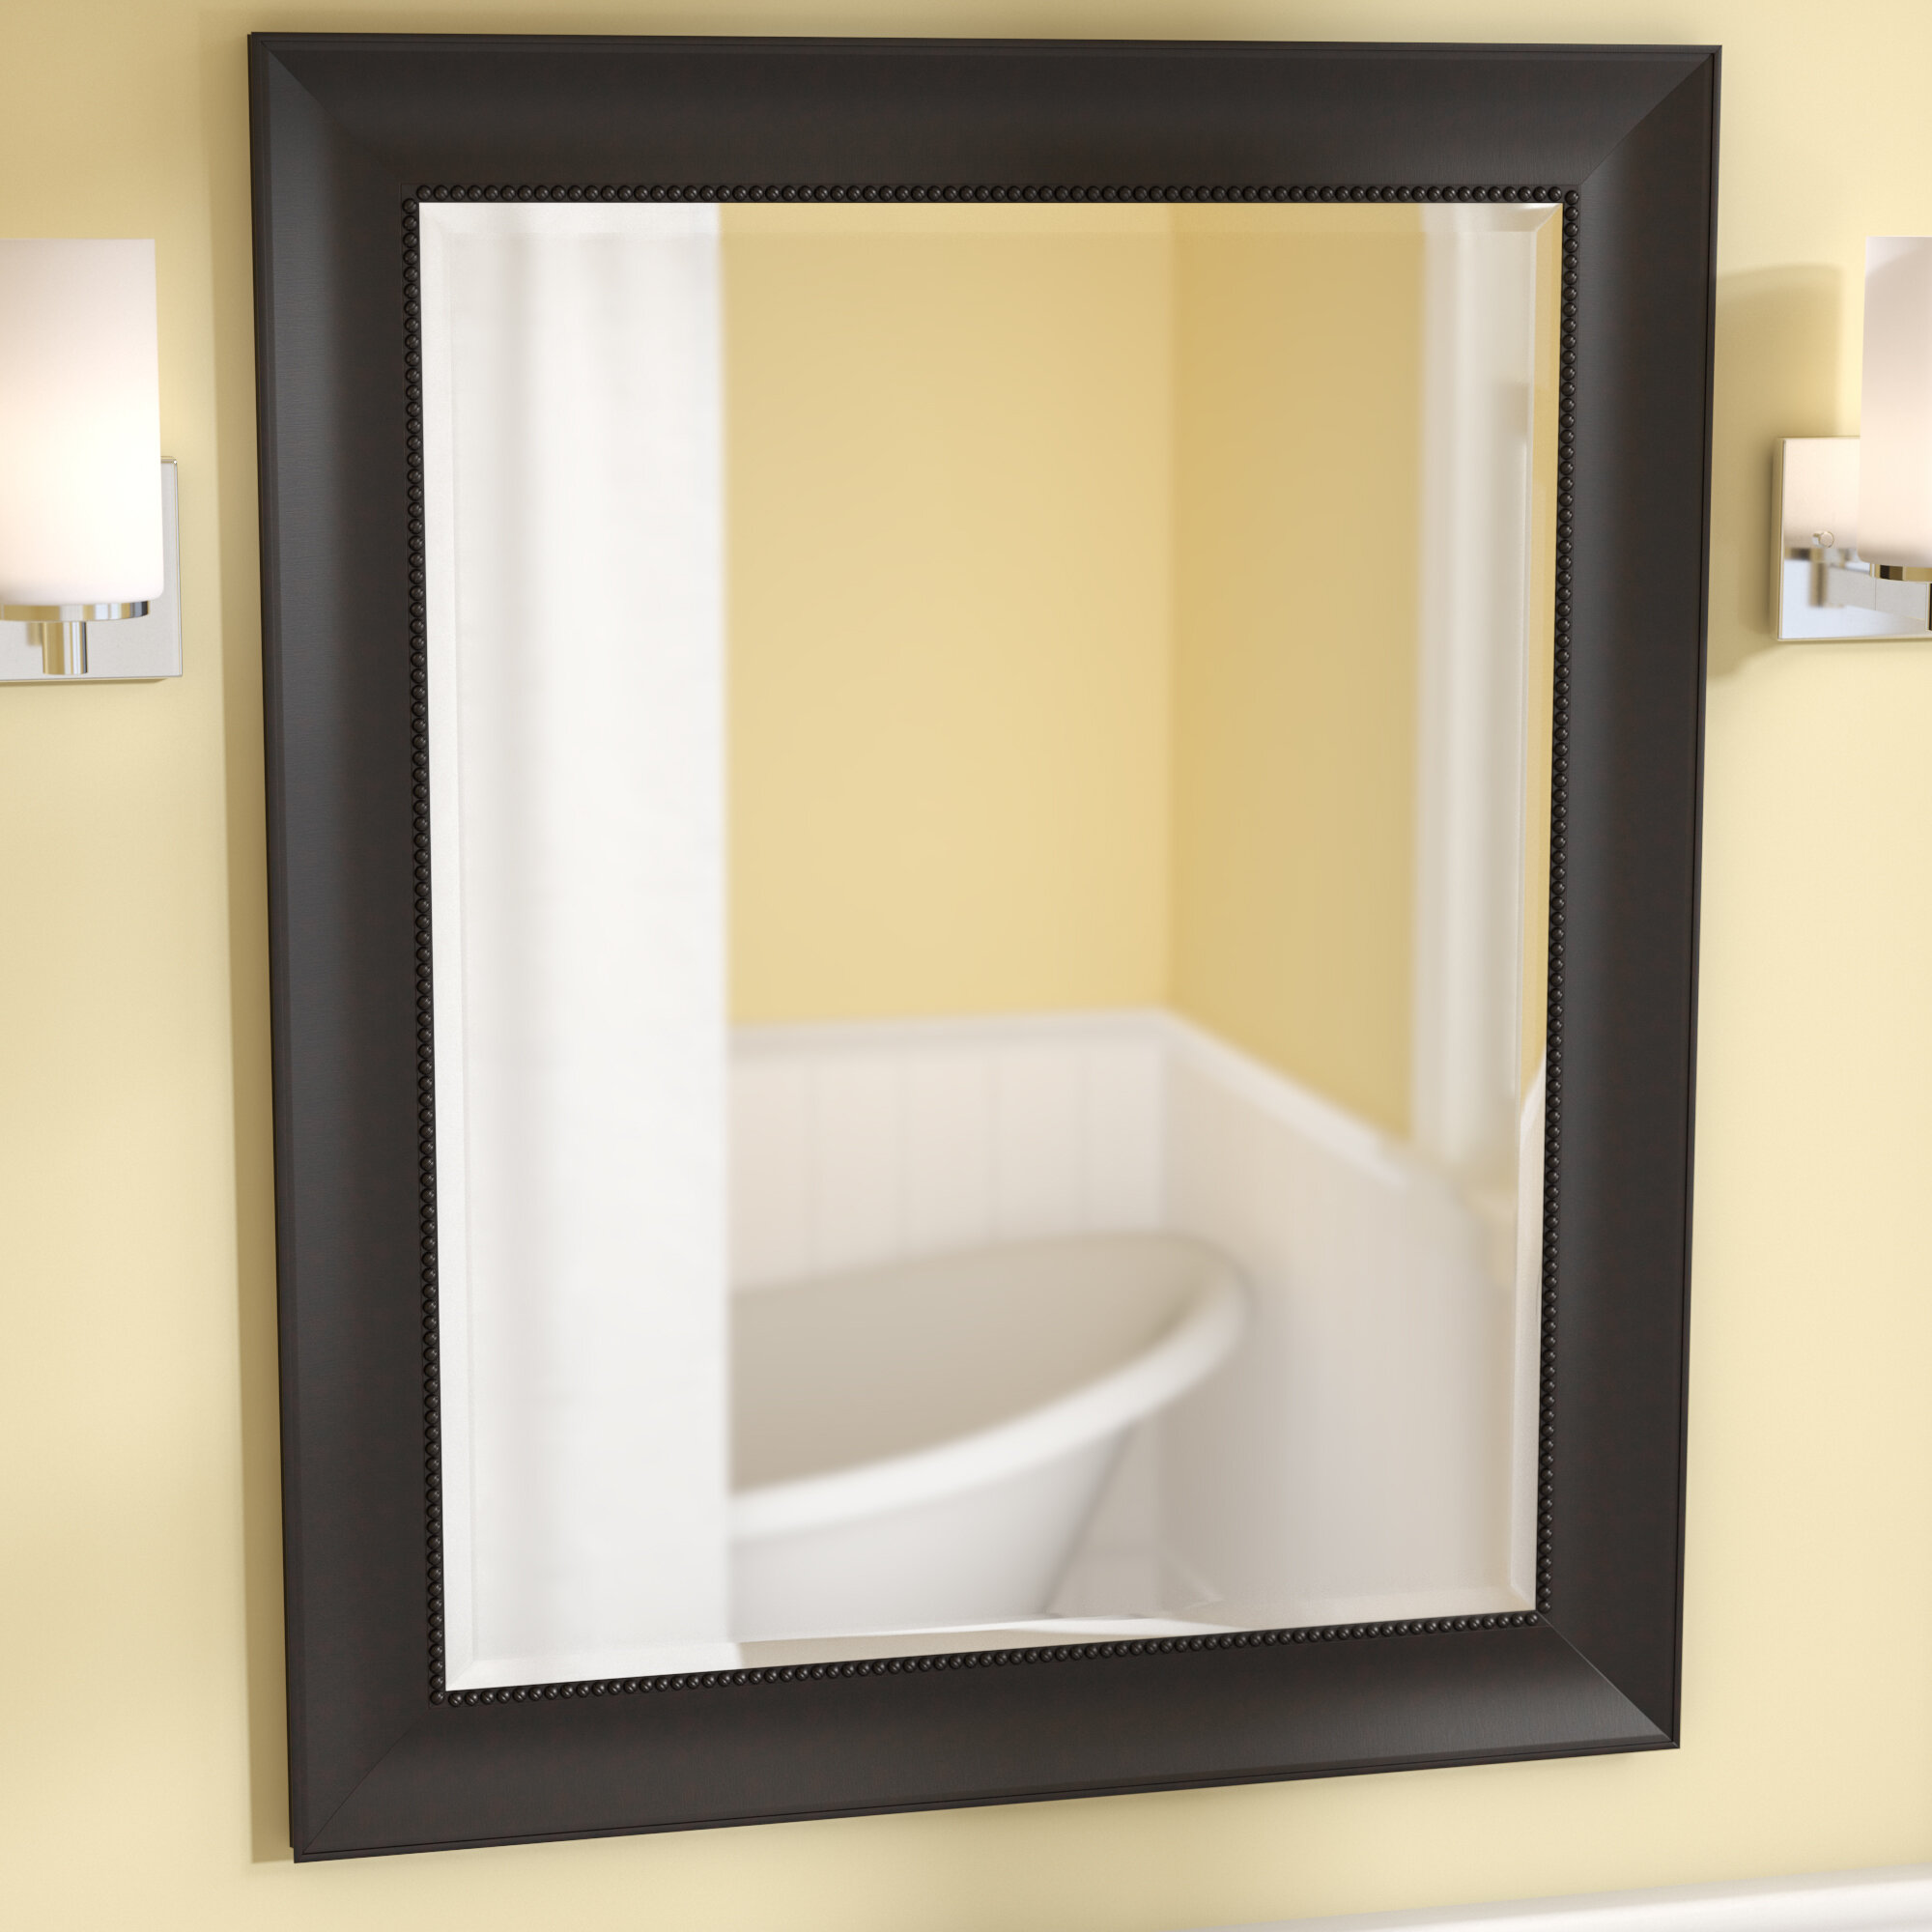 Darby Home Co Beaded Inner Lip Bathroom/Vanity Wall Mirror | Wayfair